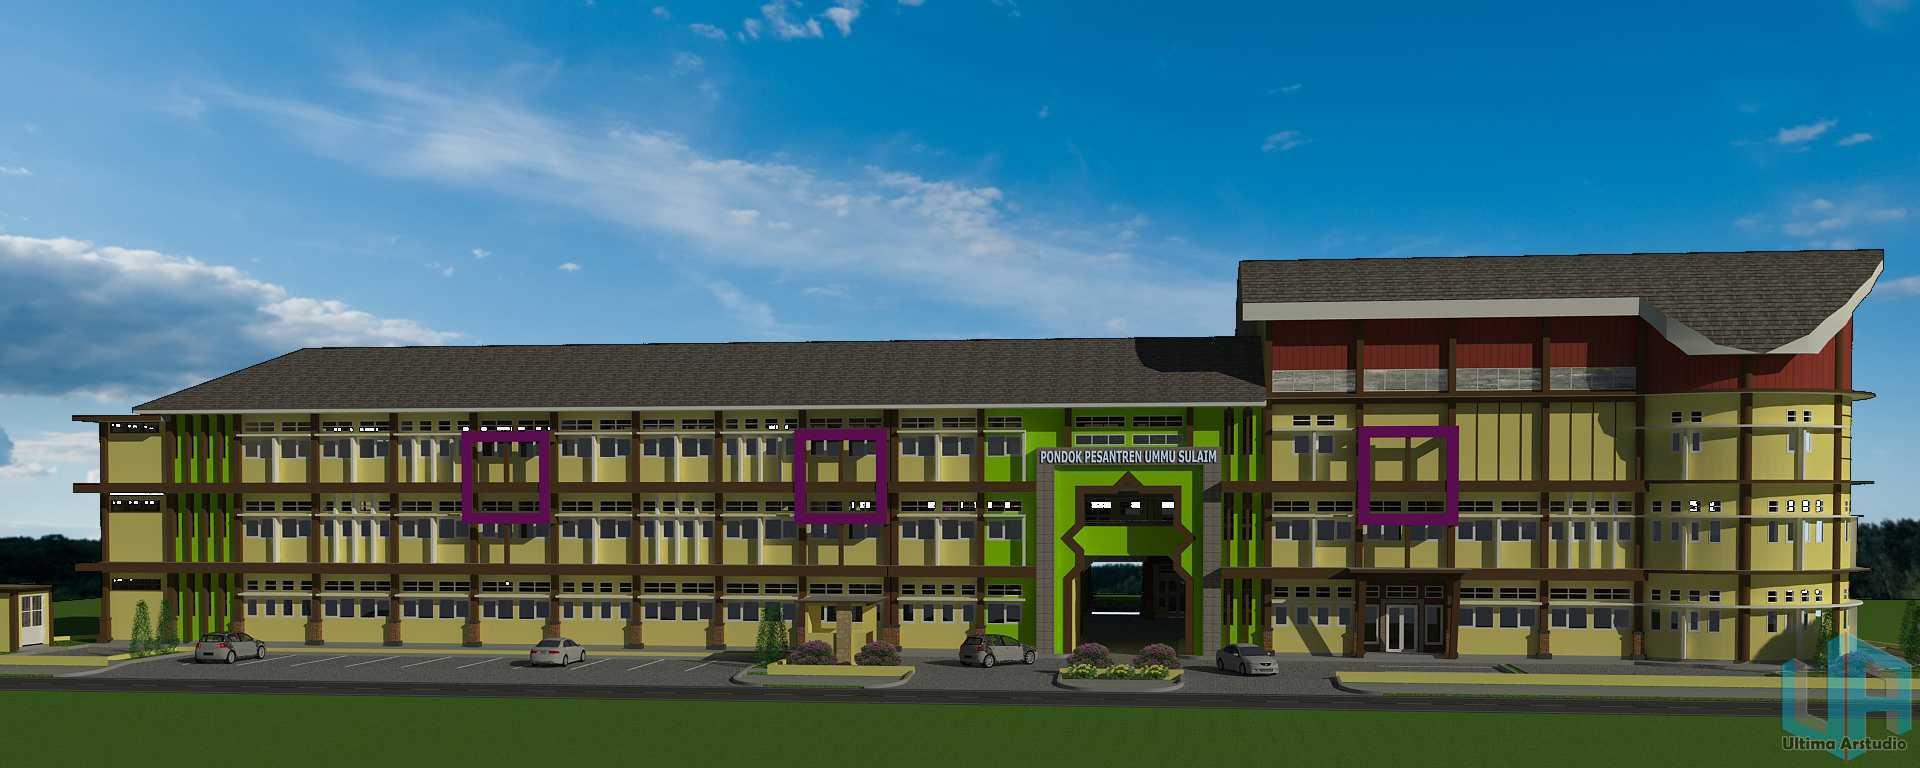 Jasa Arsitek Ultima Arstudio di Pekanbaru